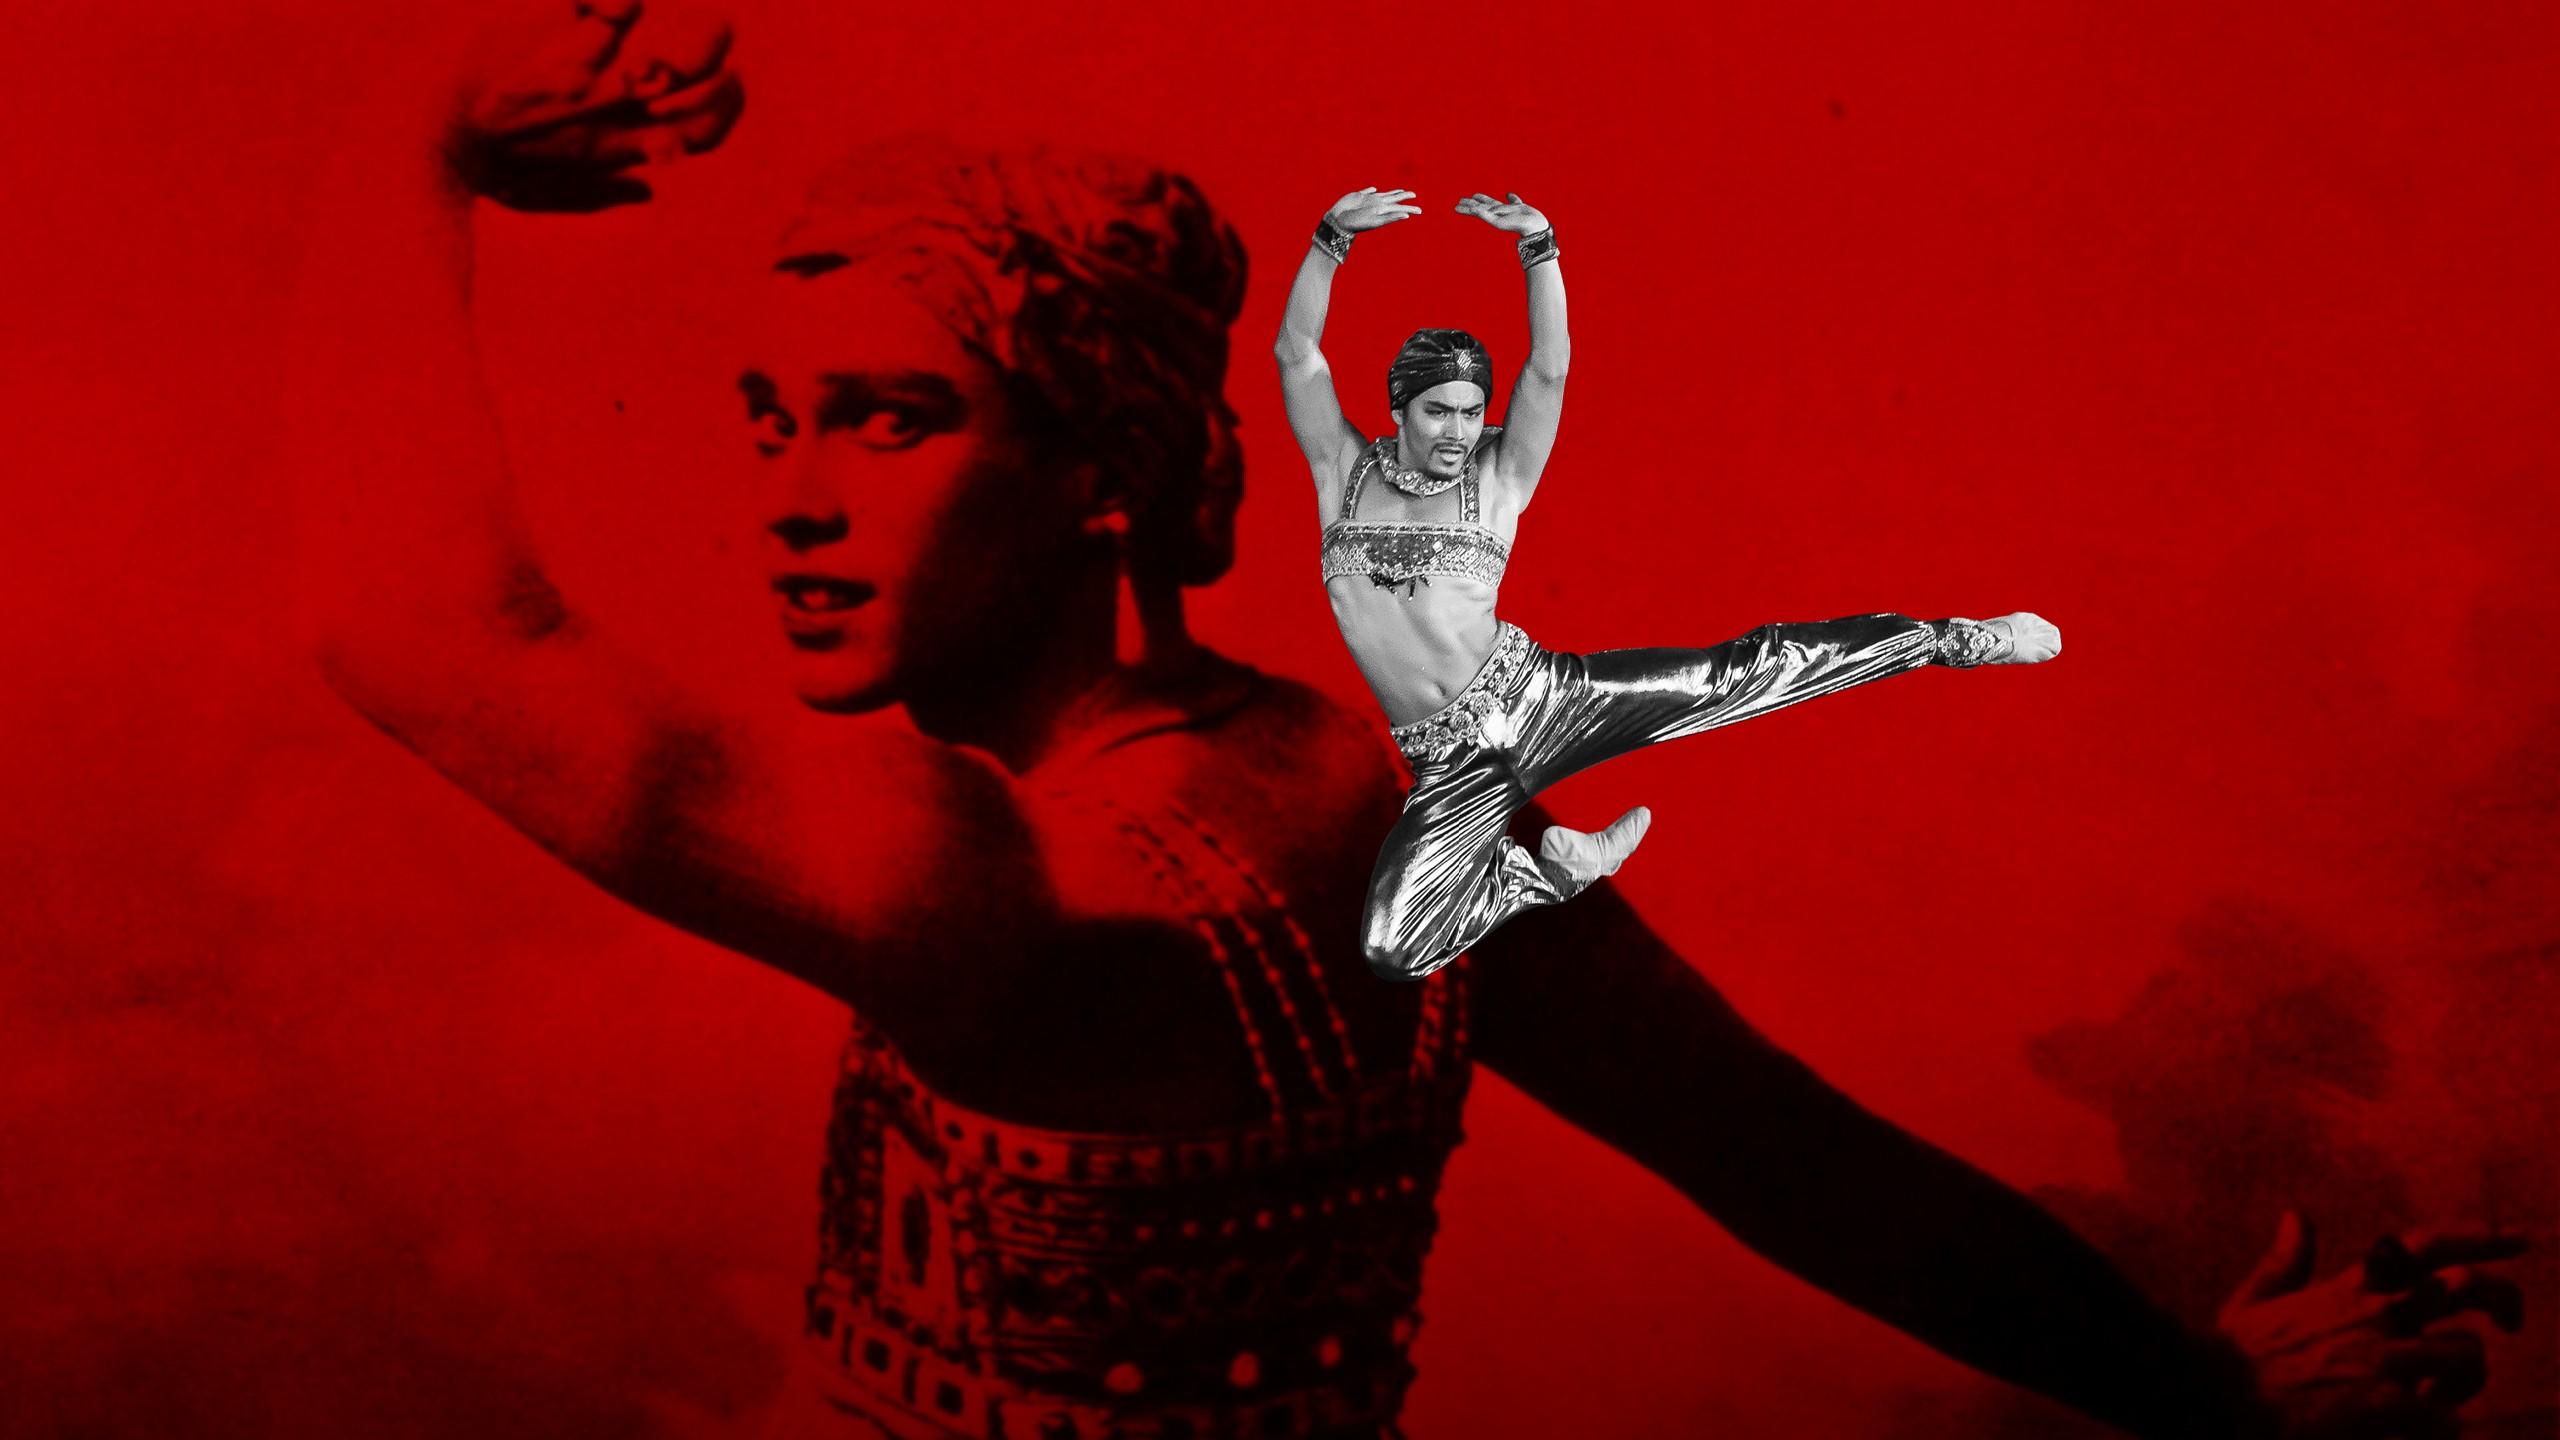 """Вечер балета """"Вацлав Нижинский. Бог танца"""". В рамках проекта Андриса Лиепы """"Автографы и имиджи"""""""